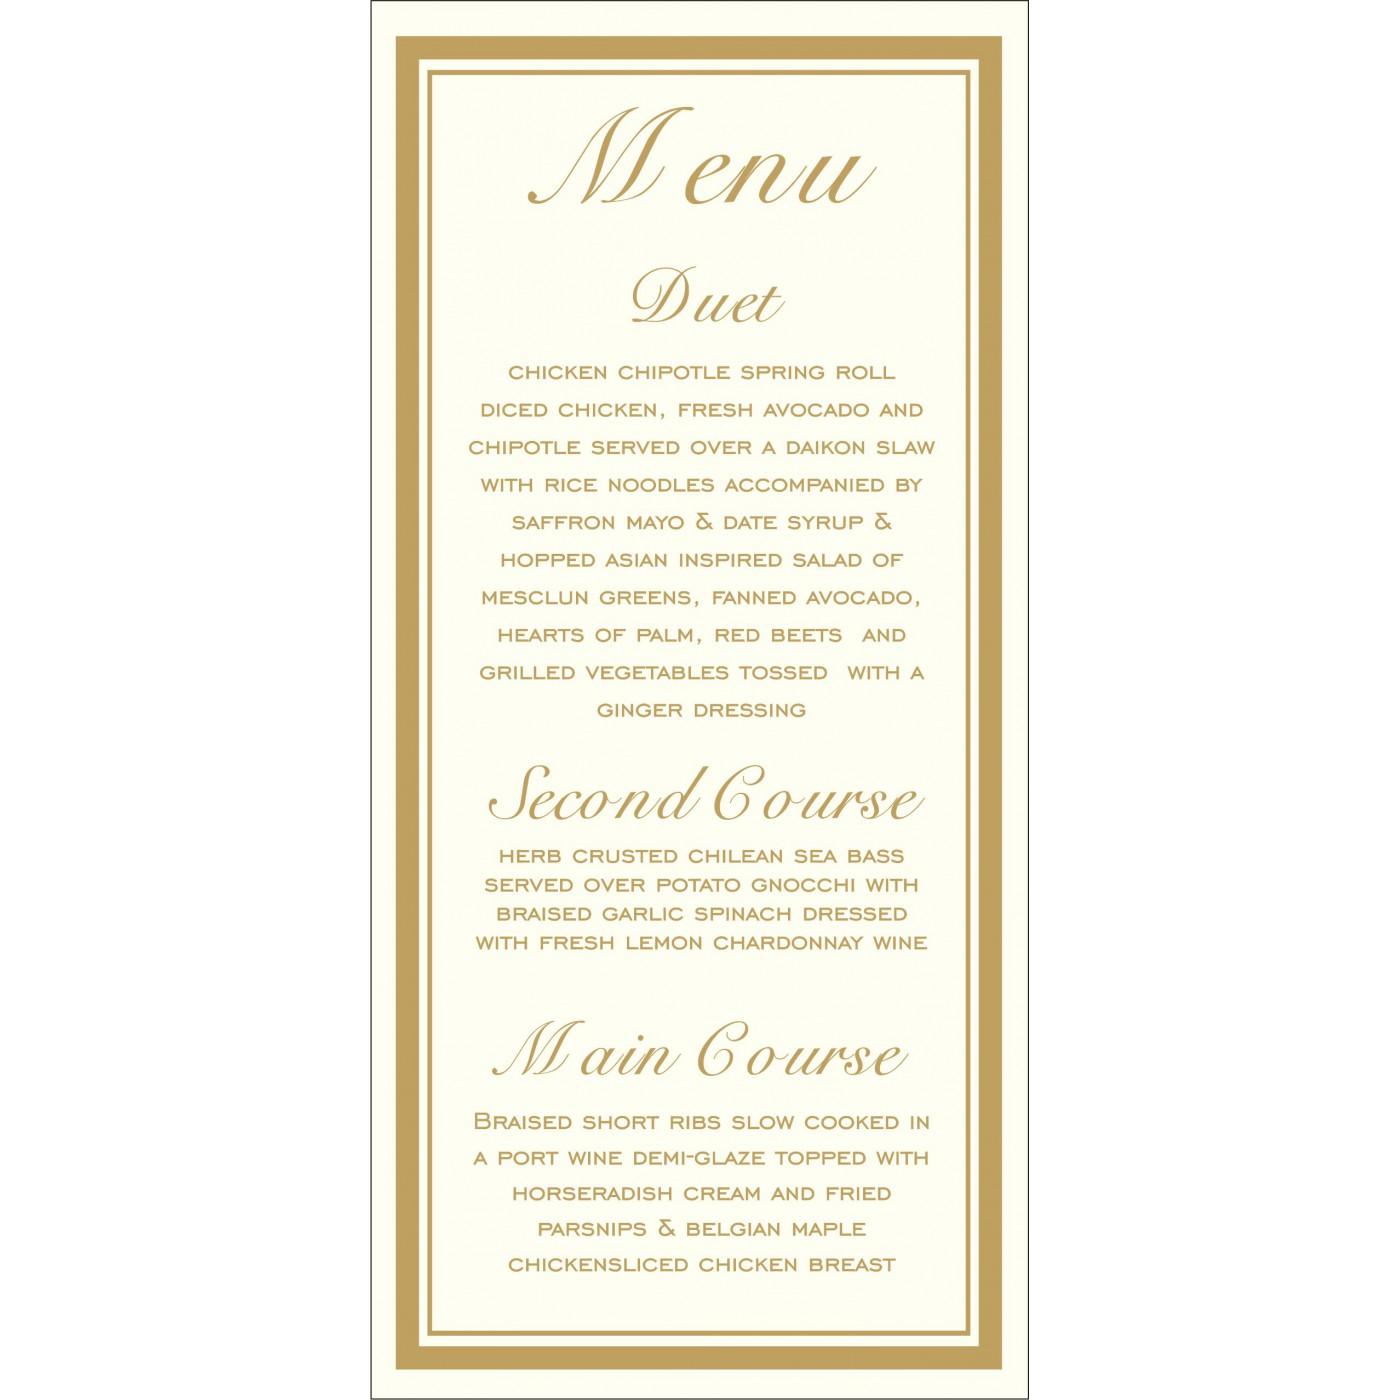 Menu Cards - MENU-2115